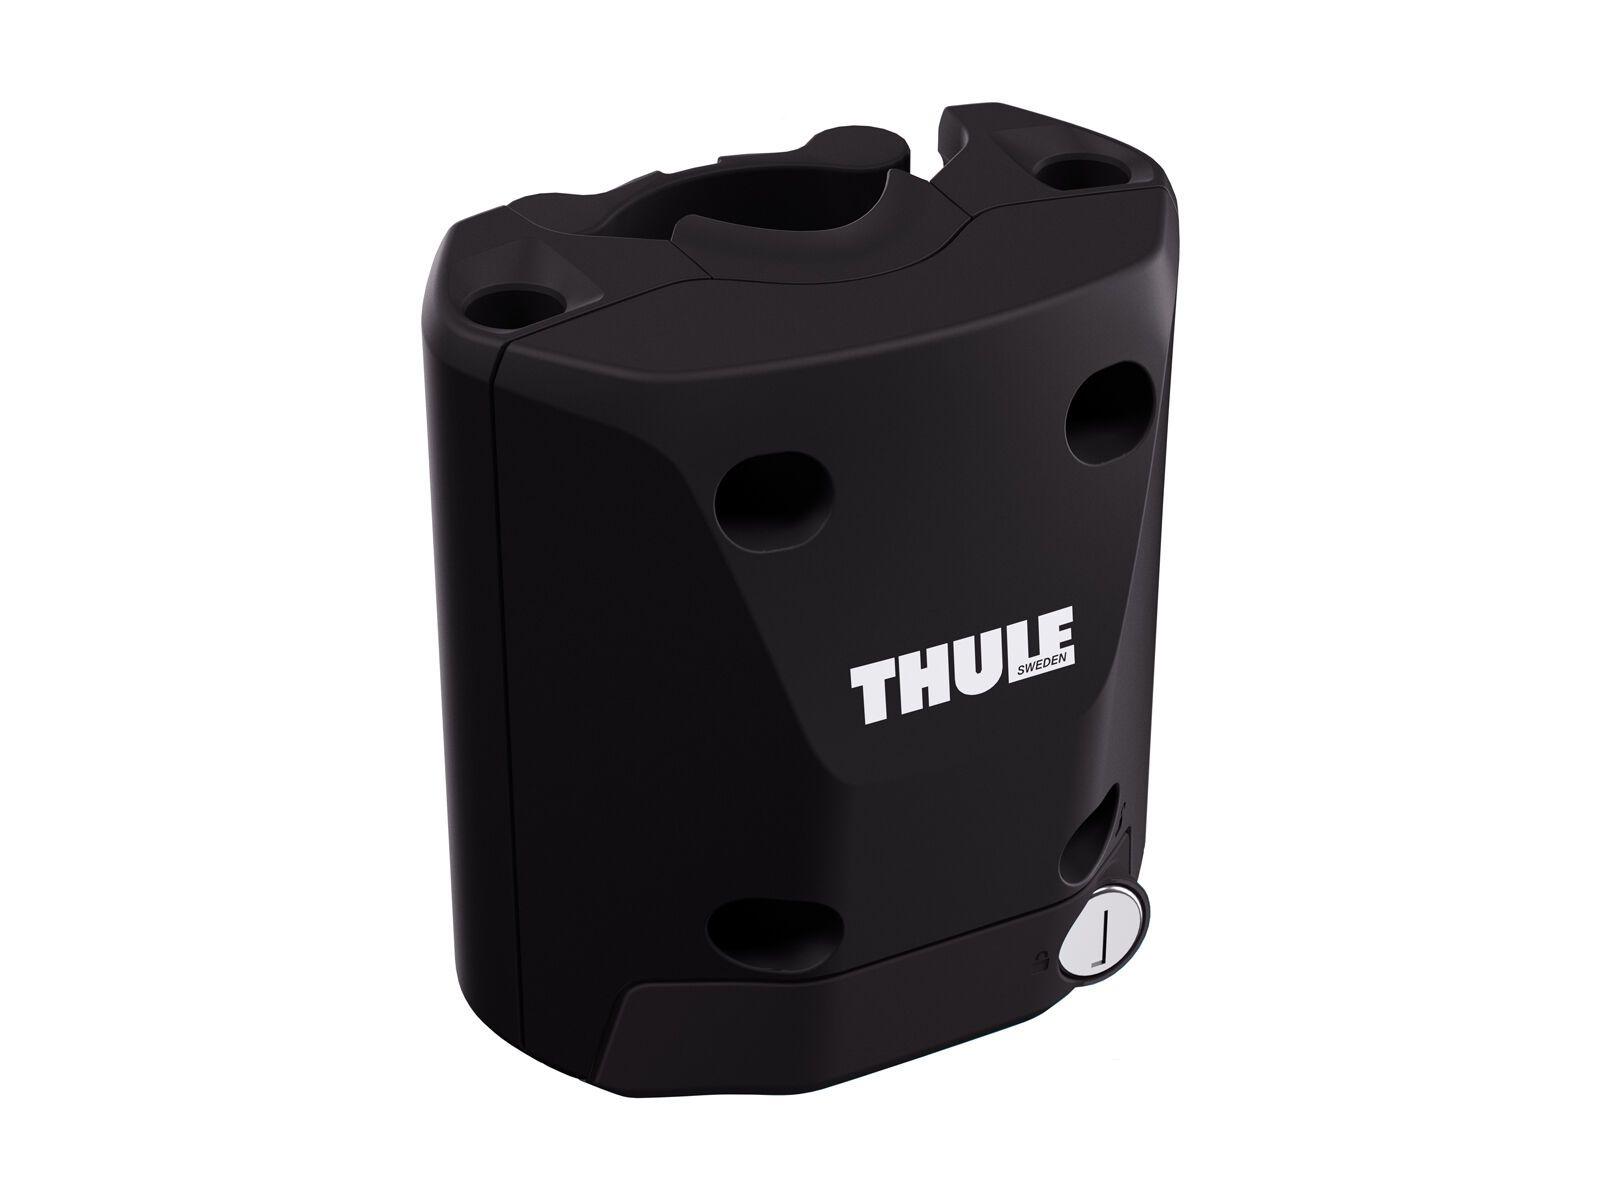 Thule Quick Release Bracket - Schnellspannhalterung 100203